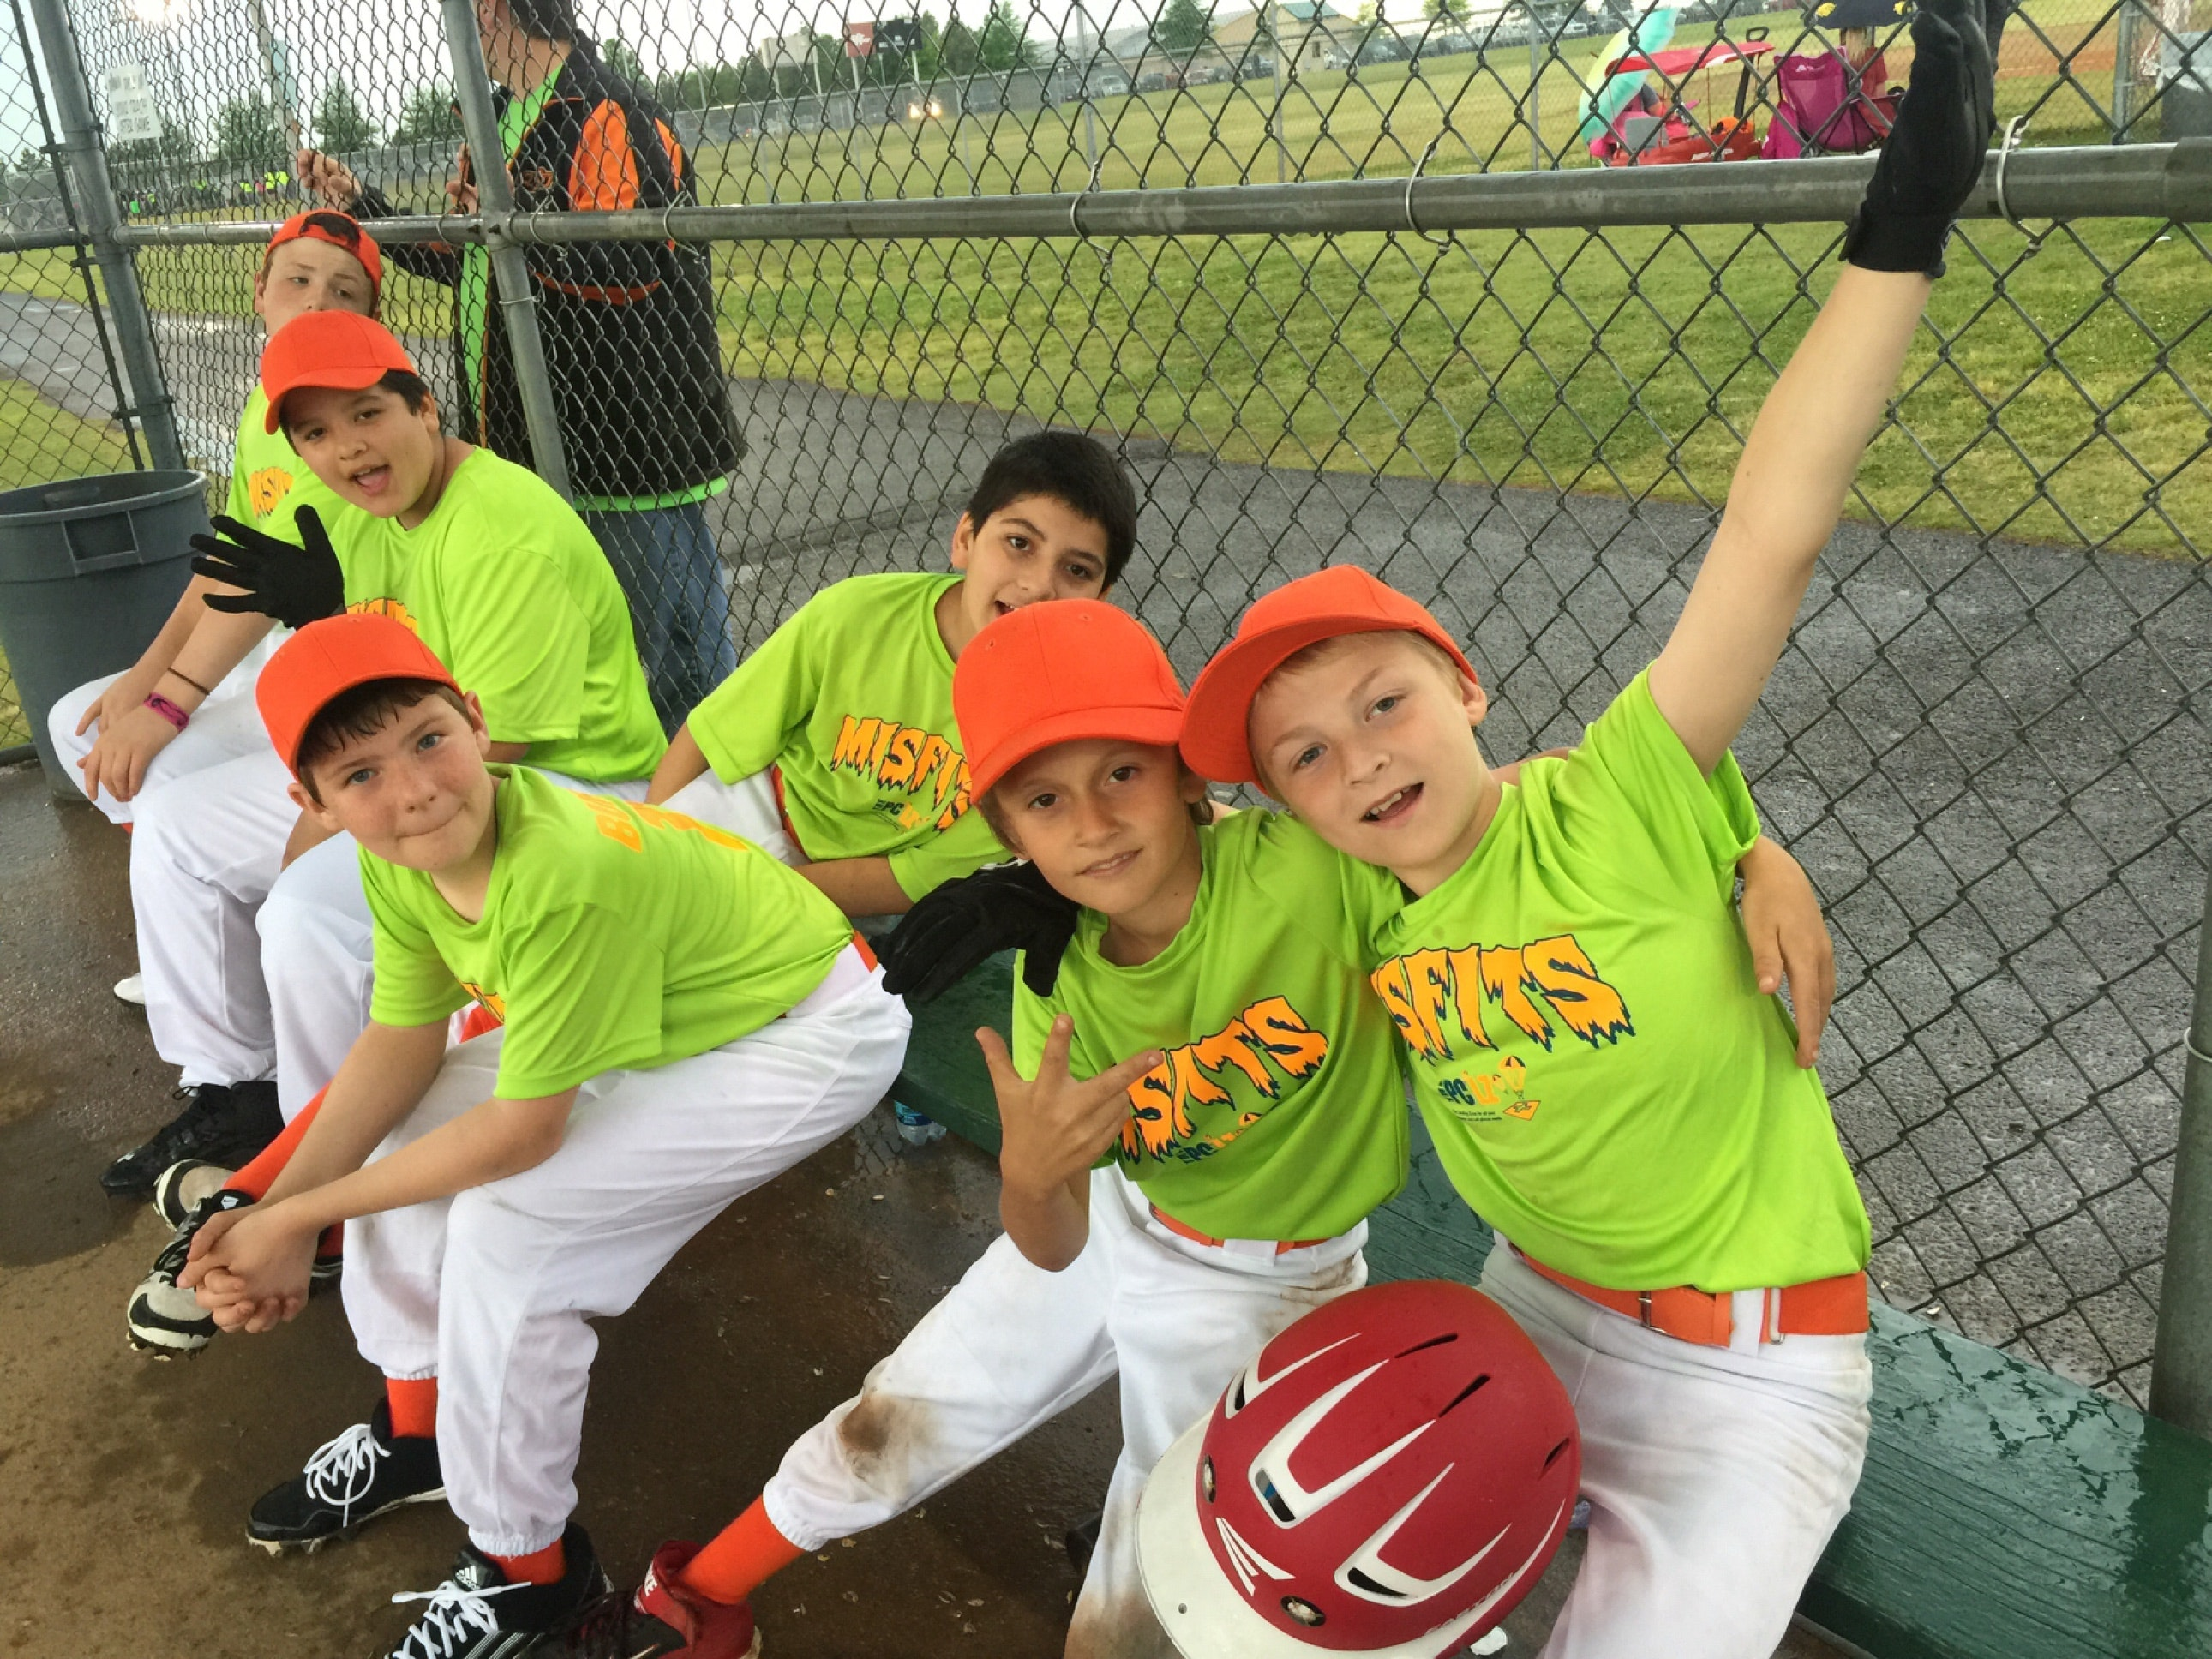 Muskogee Misfits Baseball